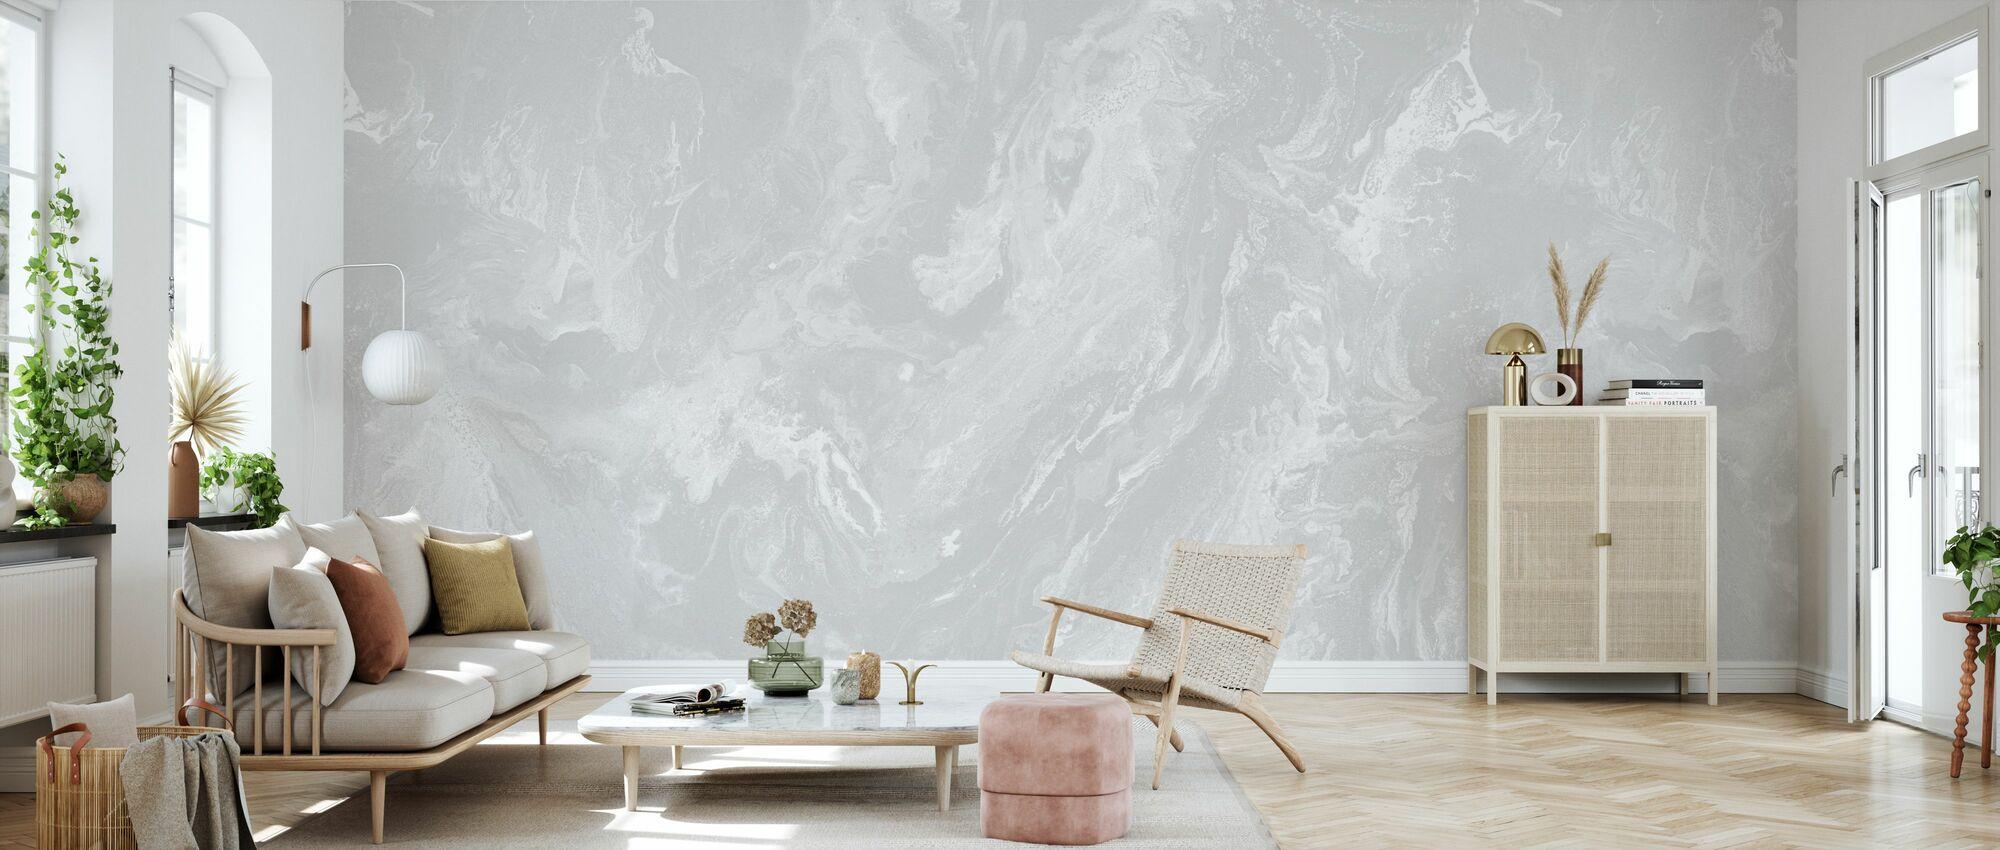 Brume - Silver Dust - Wallpaper - Living Room